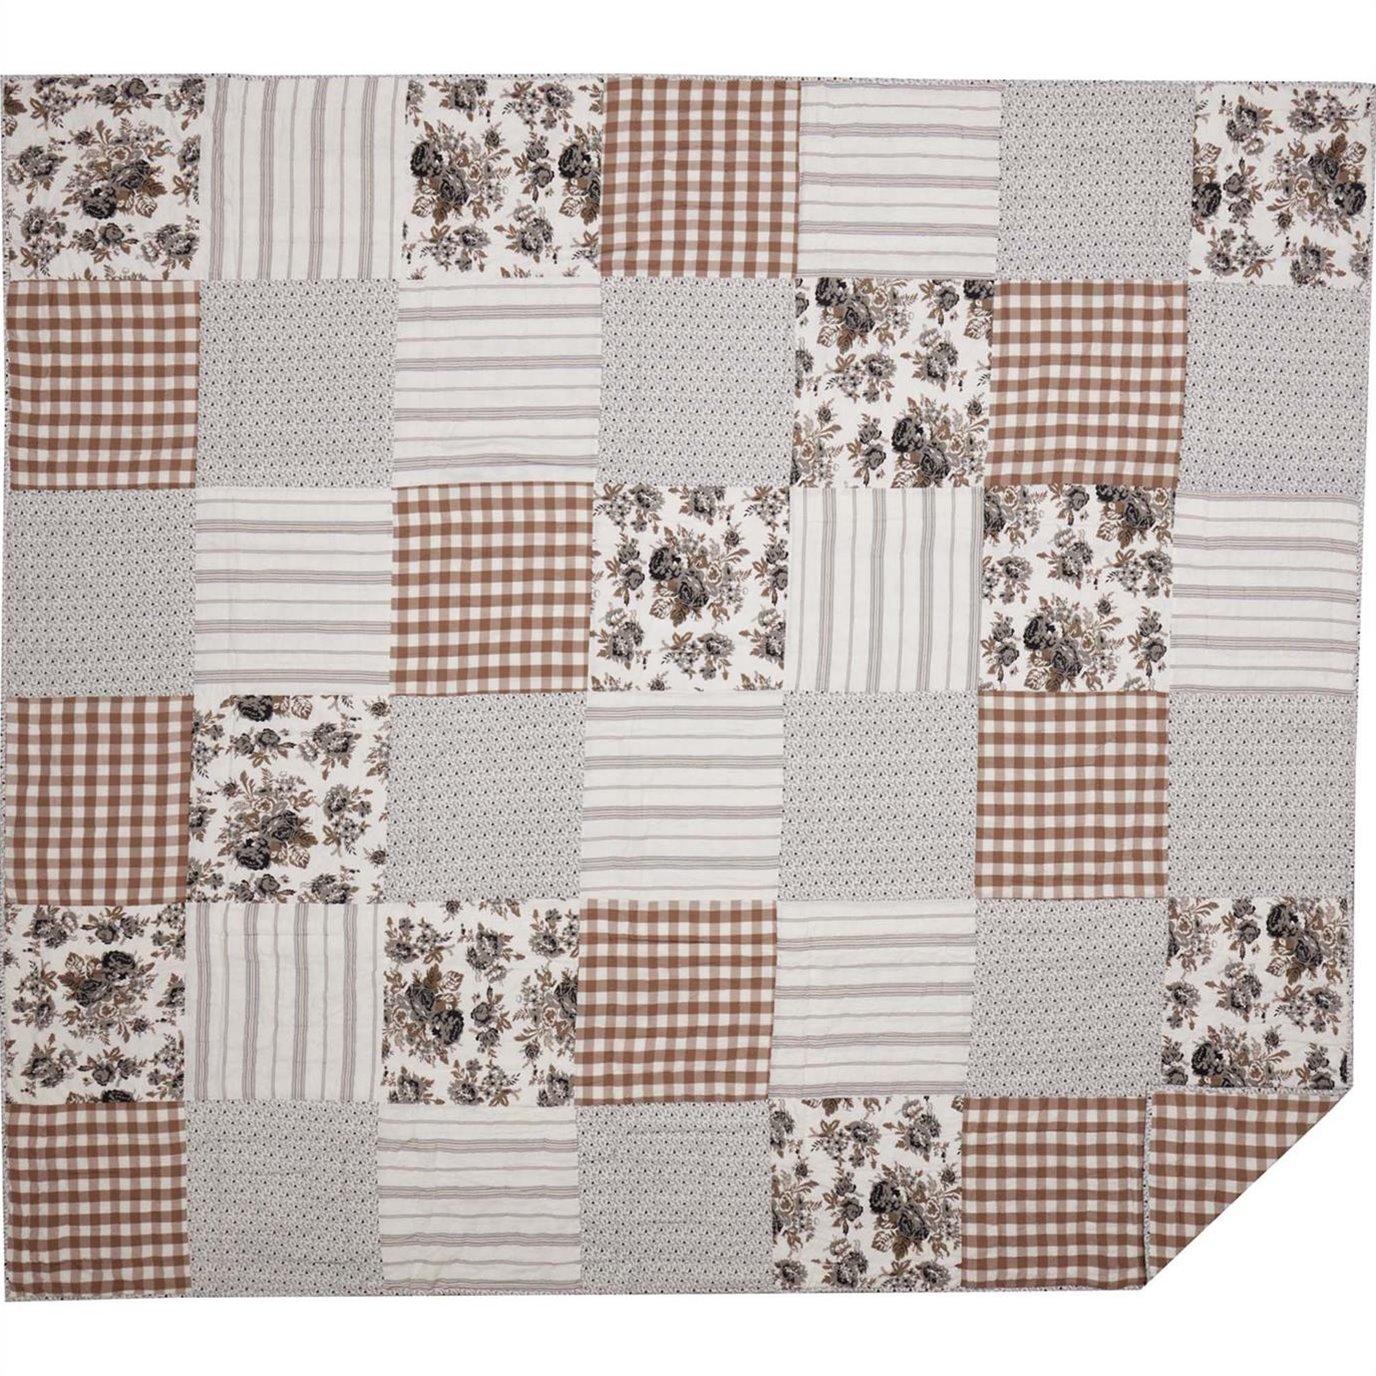 Annie Portabella Floral Patch King Quilt 105Wx95L